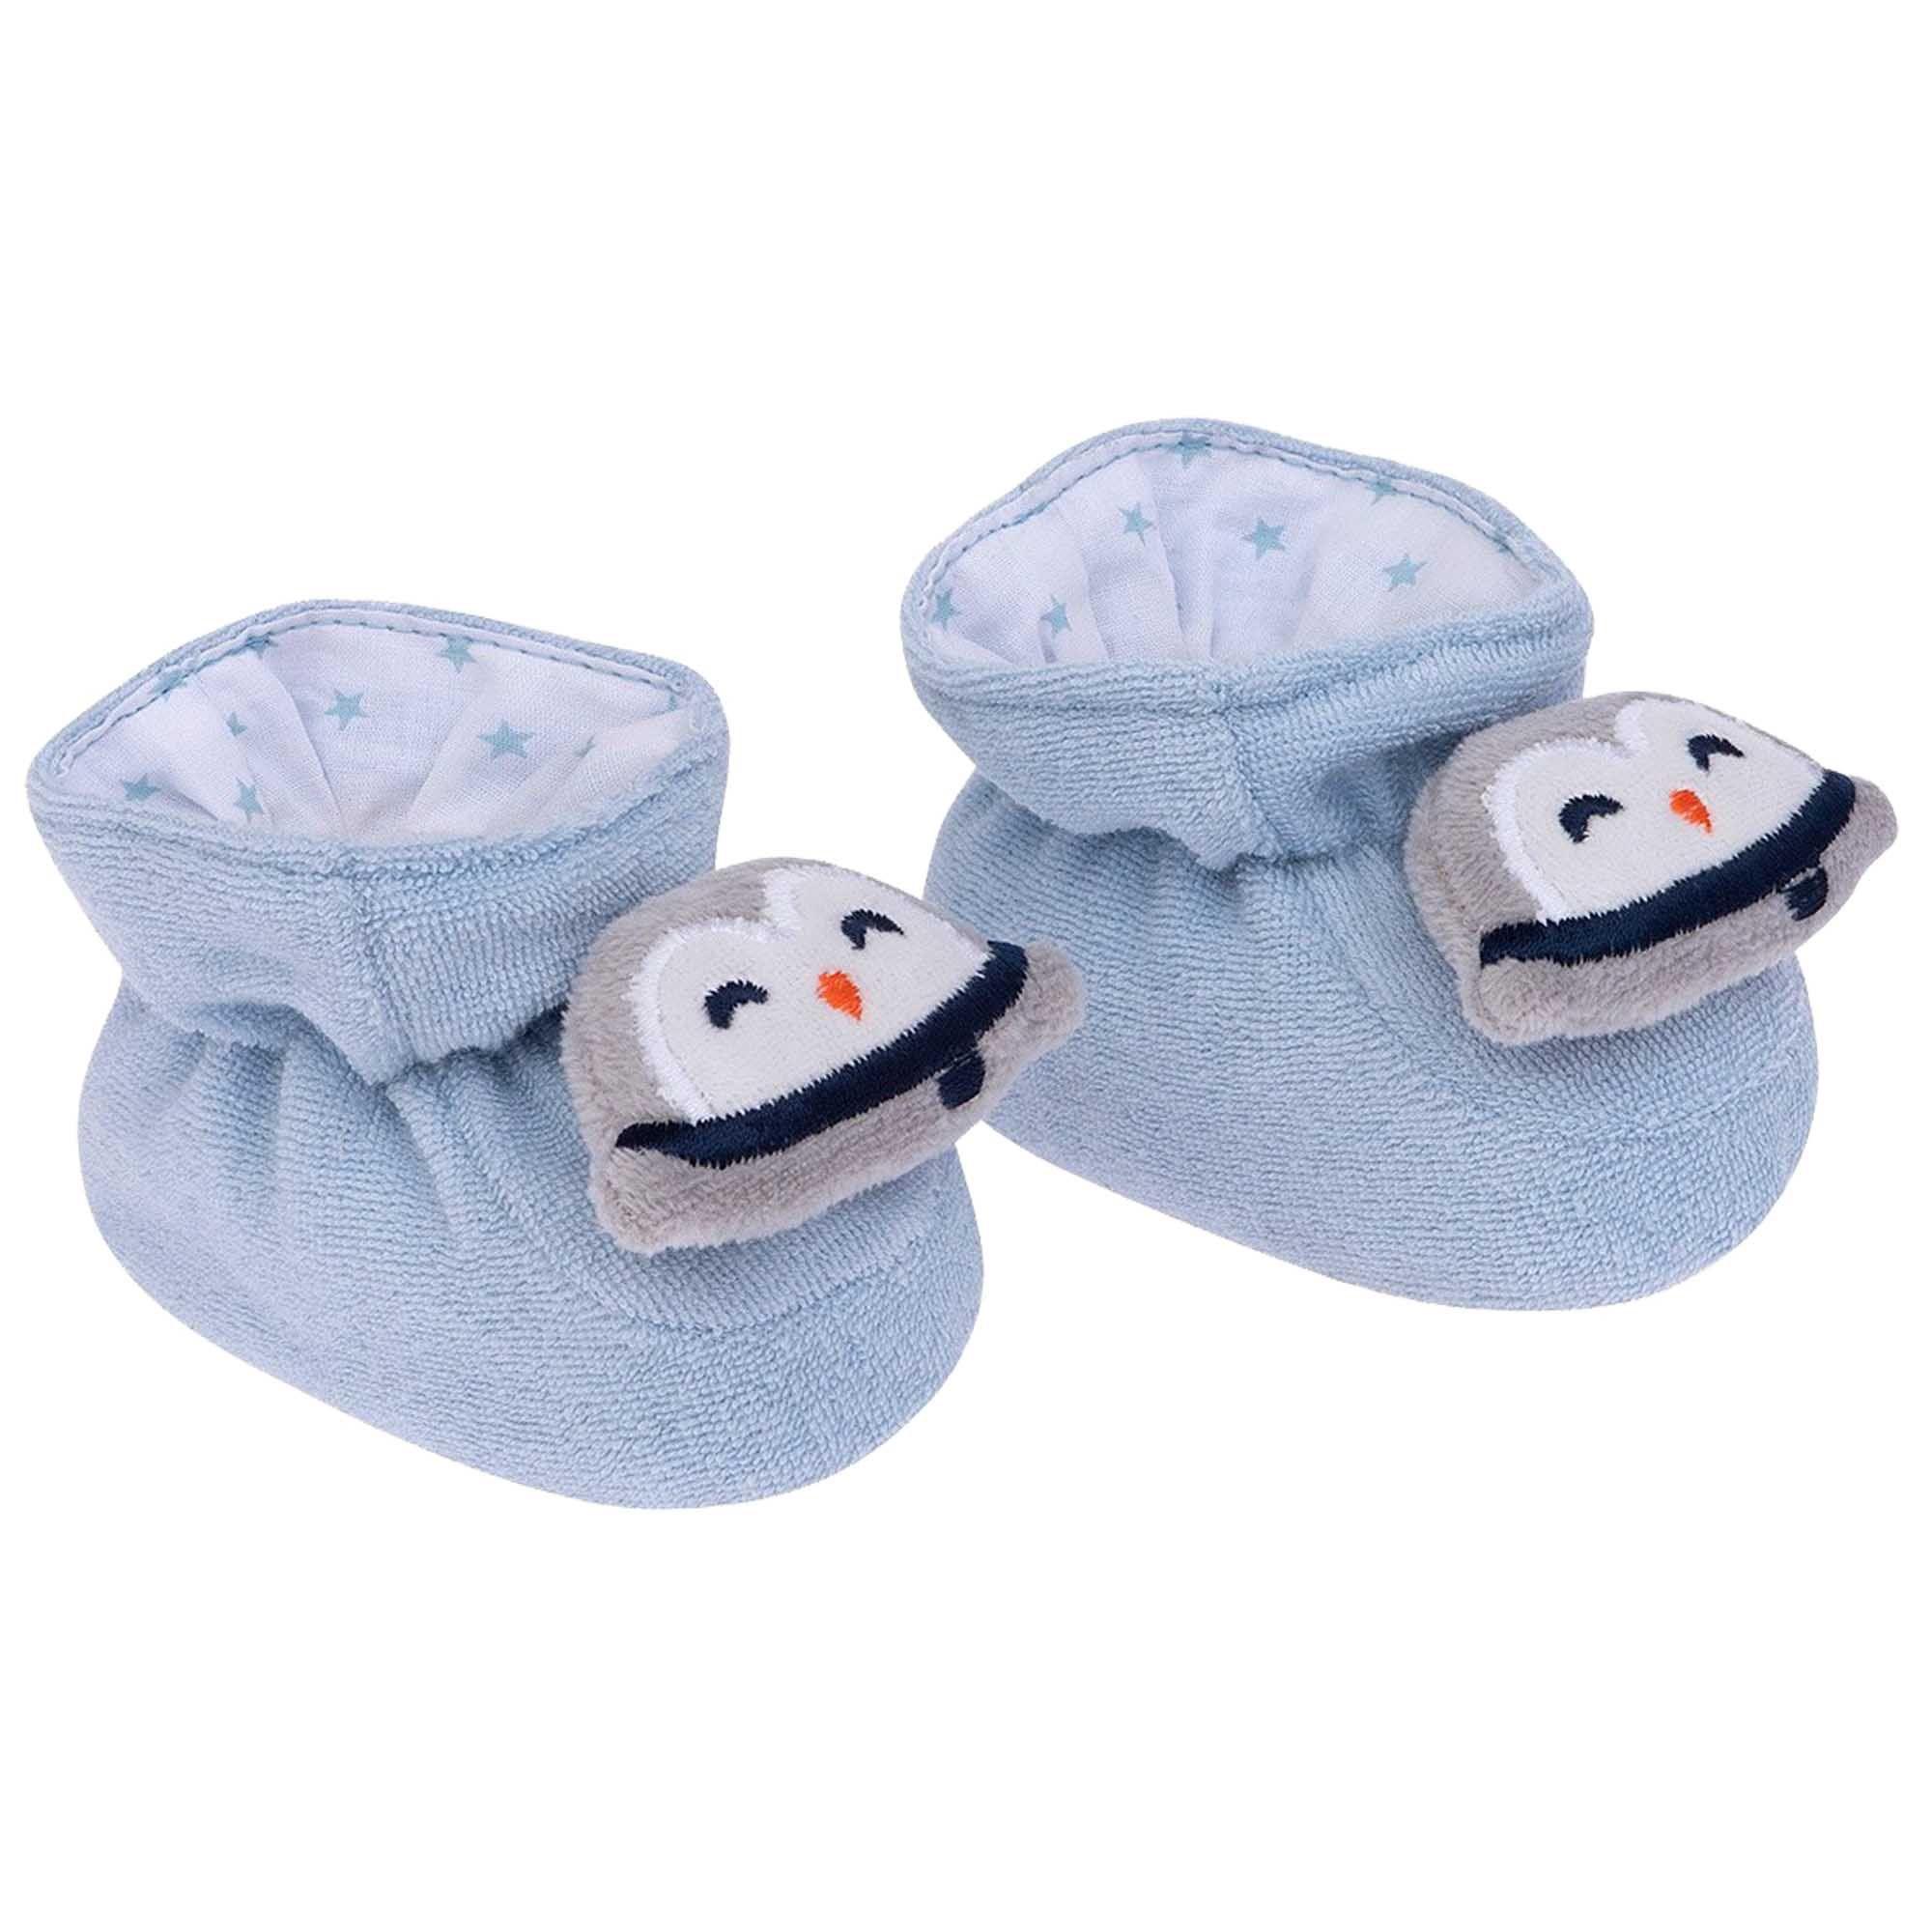 Pantufa Bichinhos Pimpolho - Pinguim Azul Claro - 0 a 7 Meses